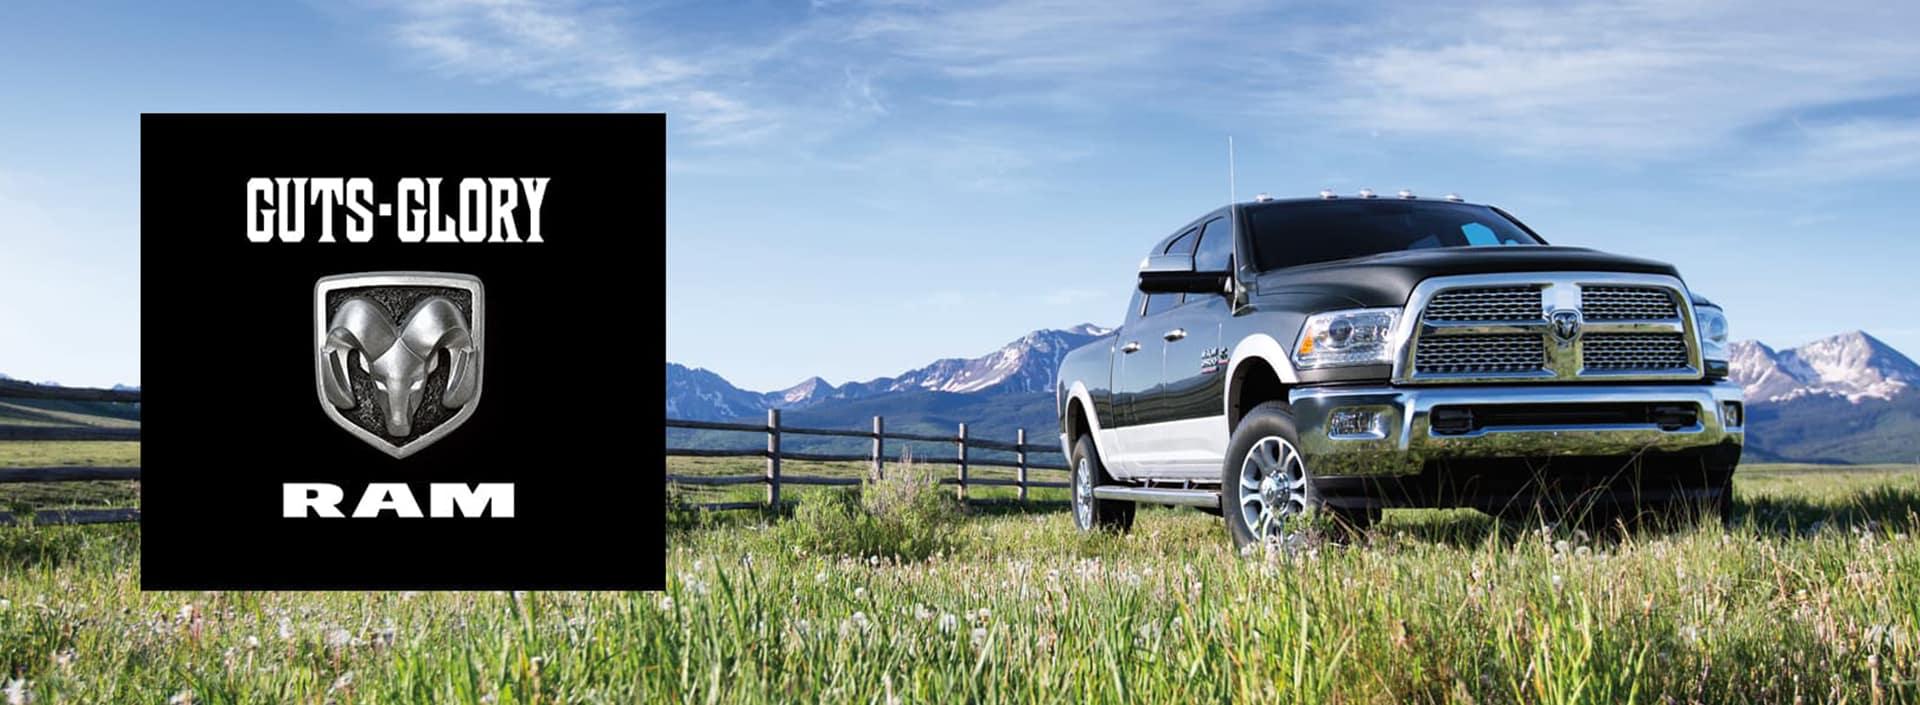 Finnegan Chrysler Jeep Dodge Ram | CJDR Dealer in Rosenberg, TX